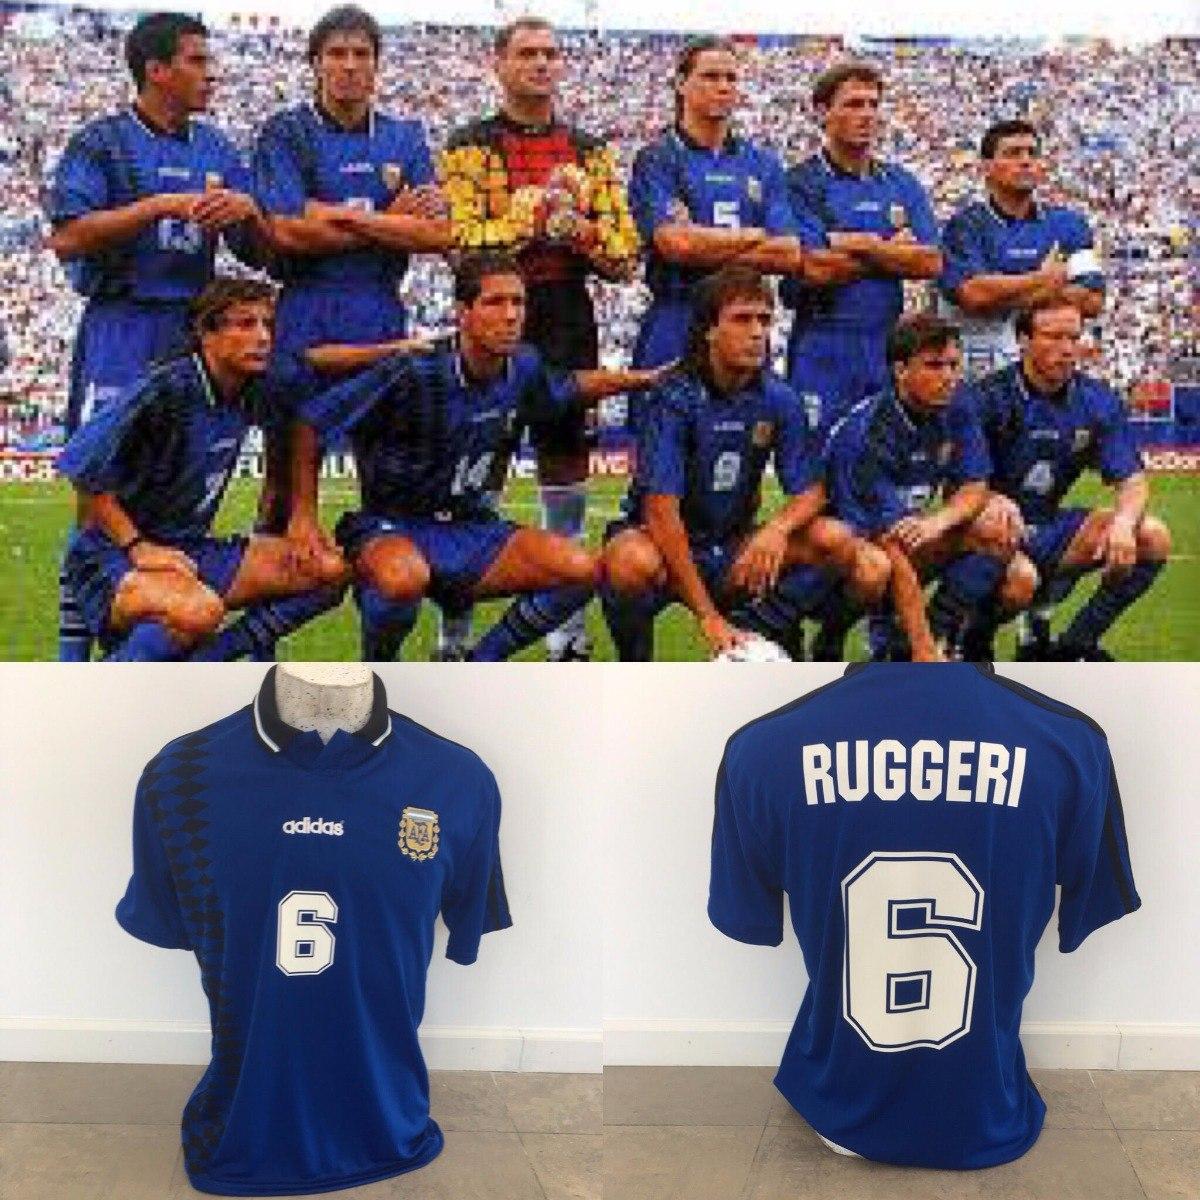 ac563fd4f9 camiseta argentina mundial usa 94 azul ruggeri. Cargando zoom.